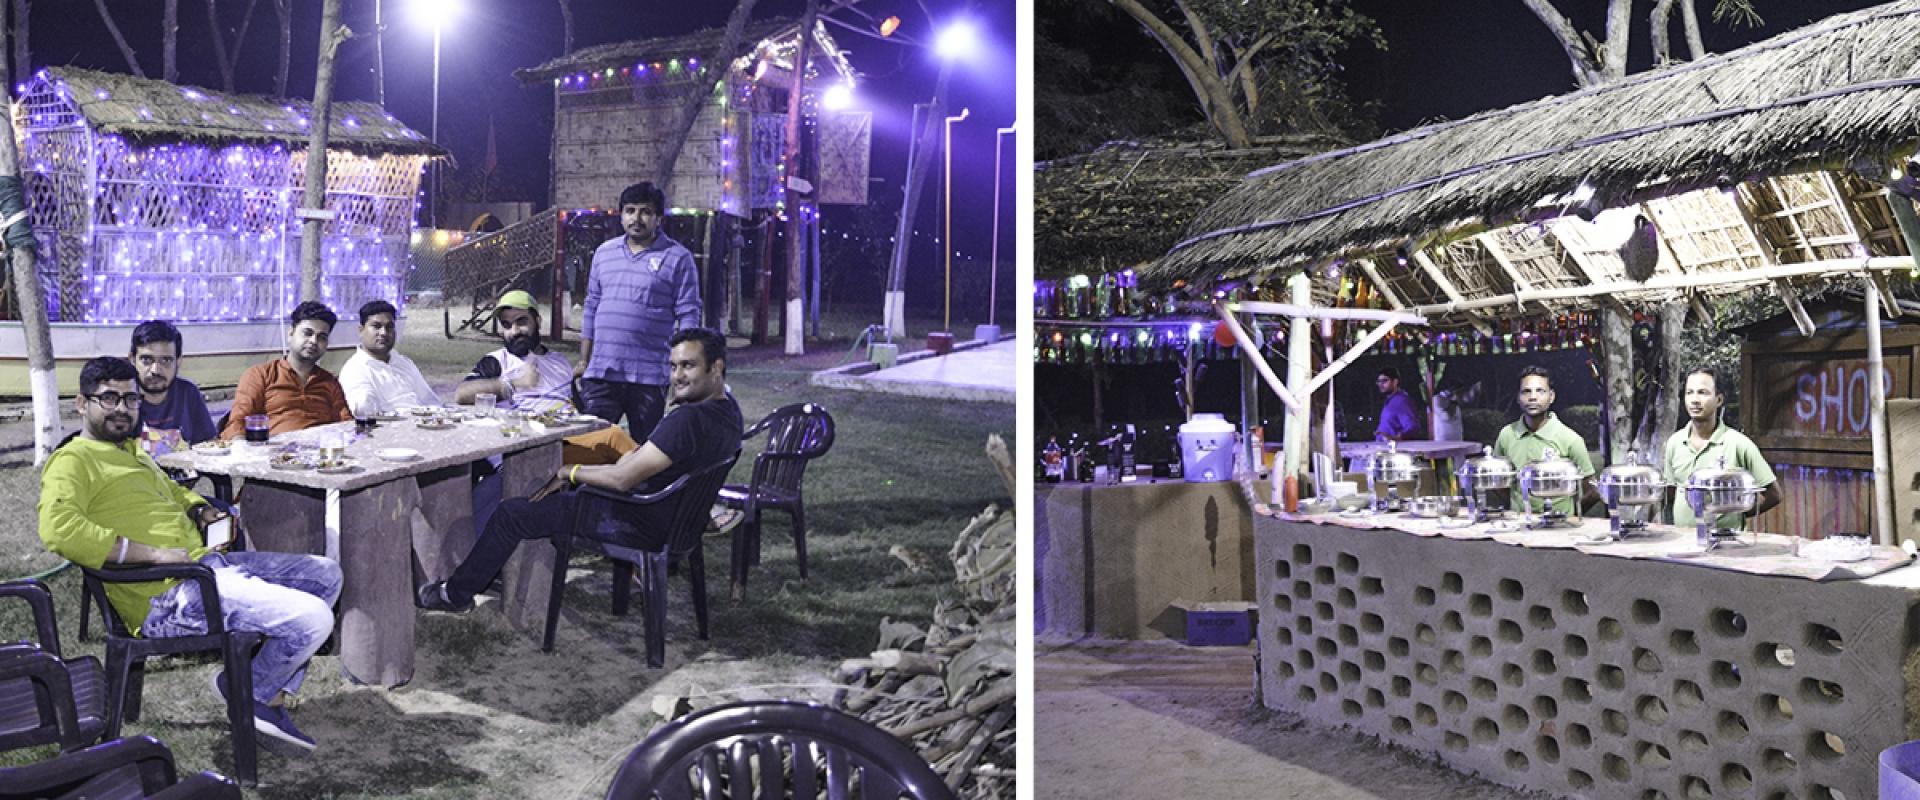 nightout-party